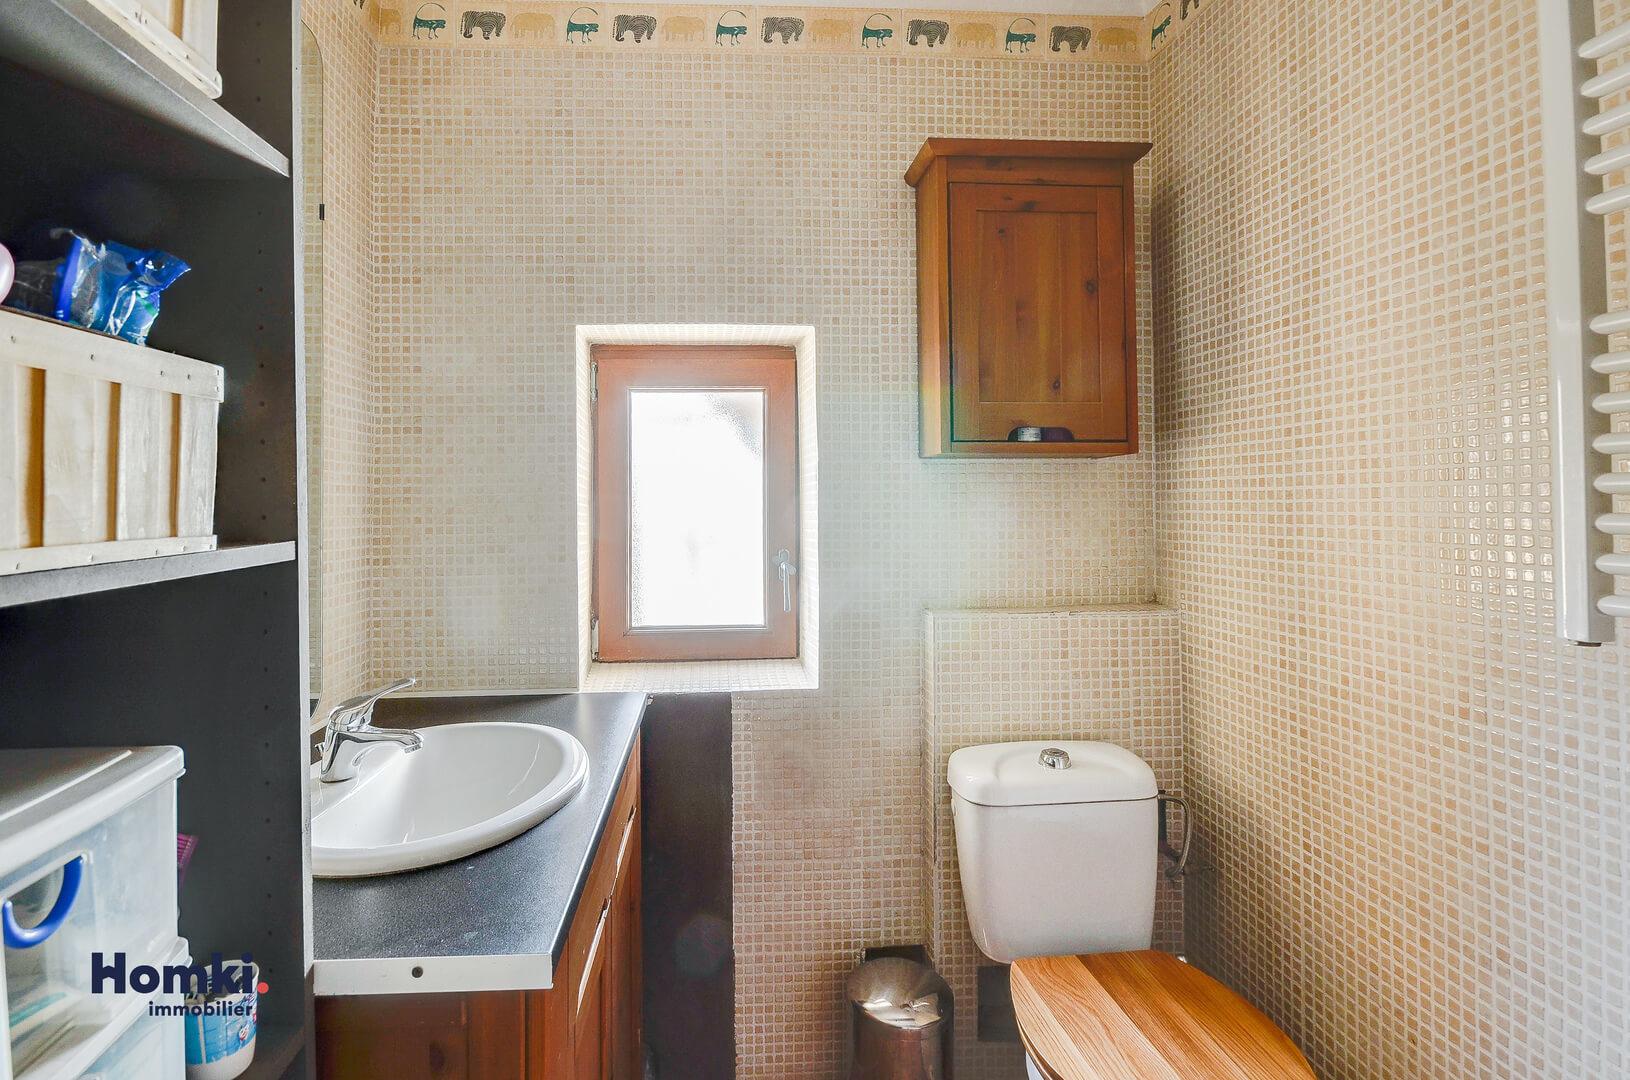 Vente Maison 70 m² T3 13290 Aix en Provence_10